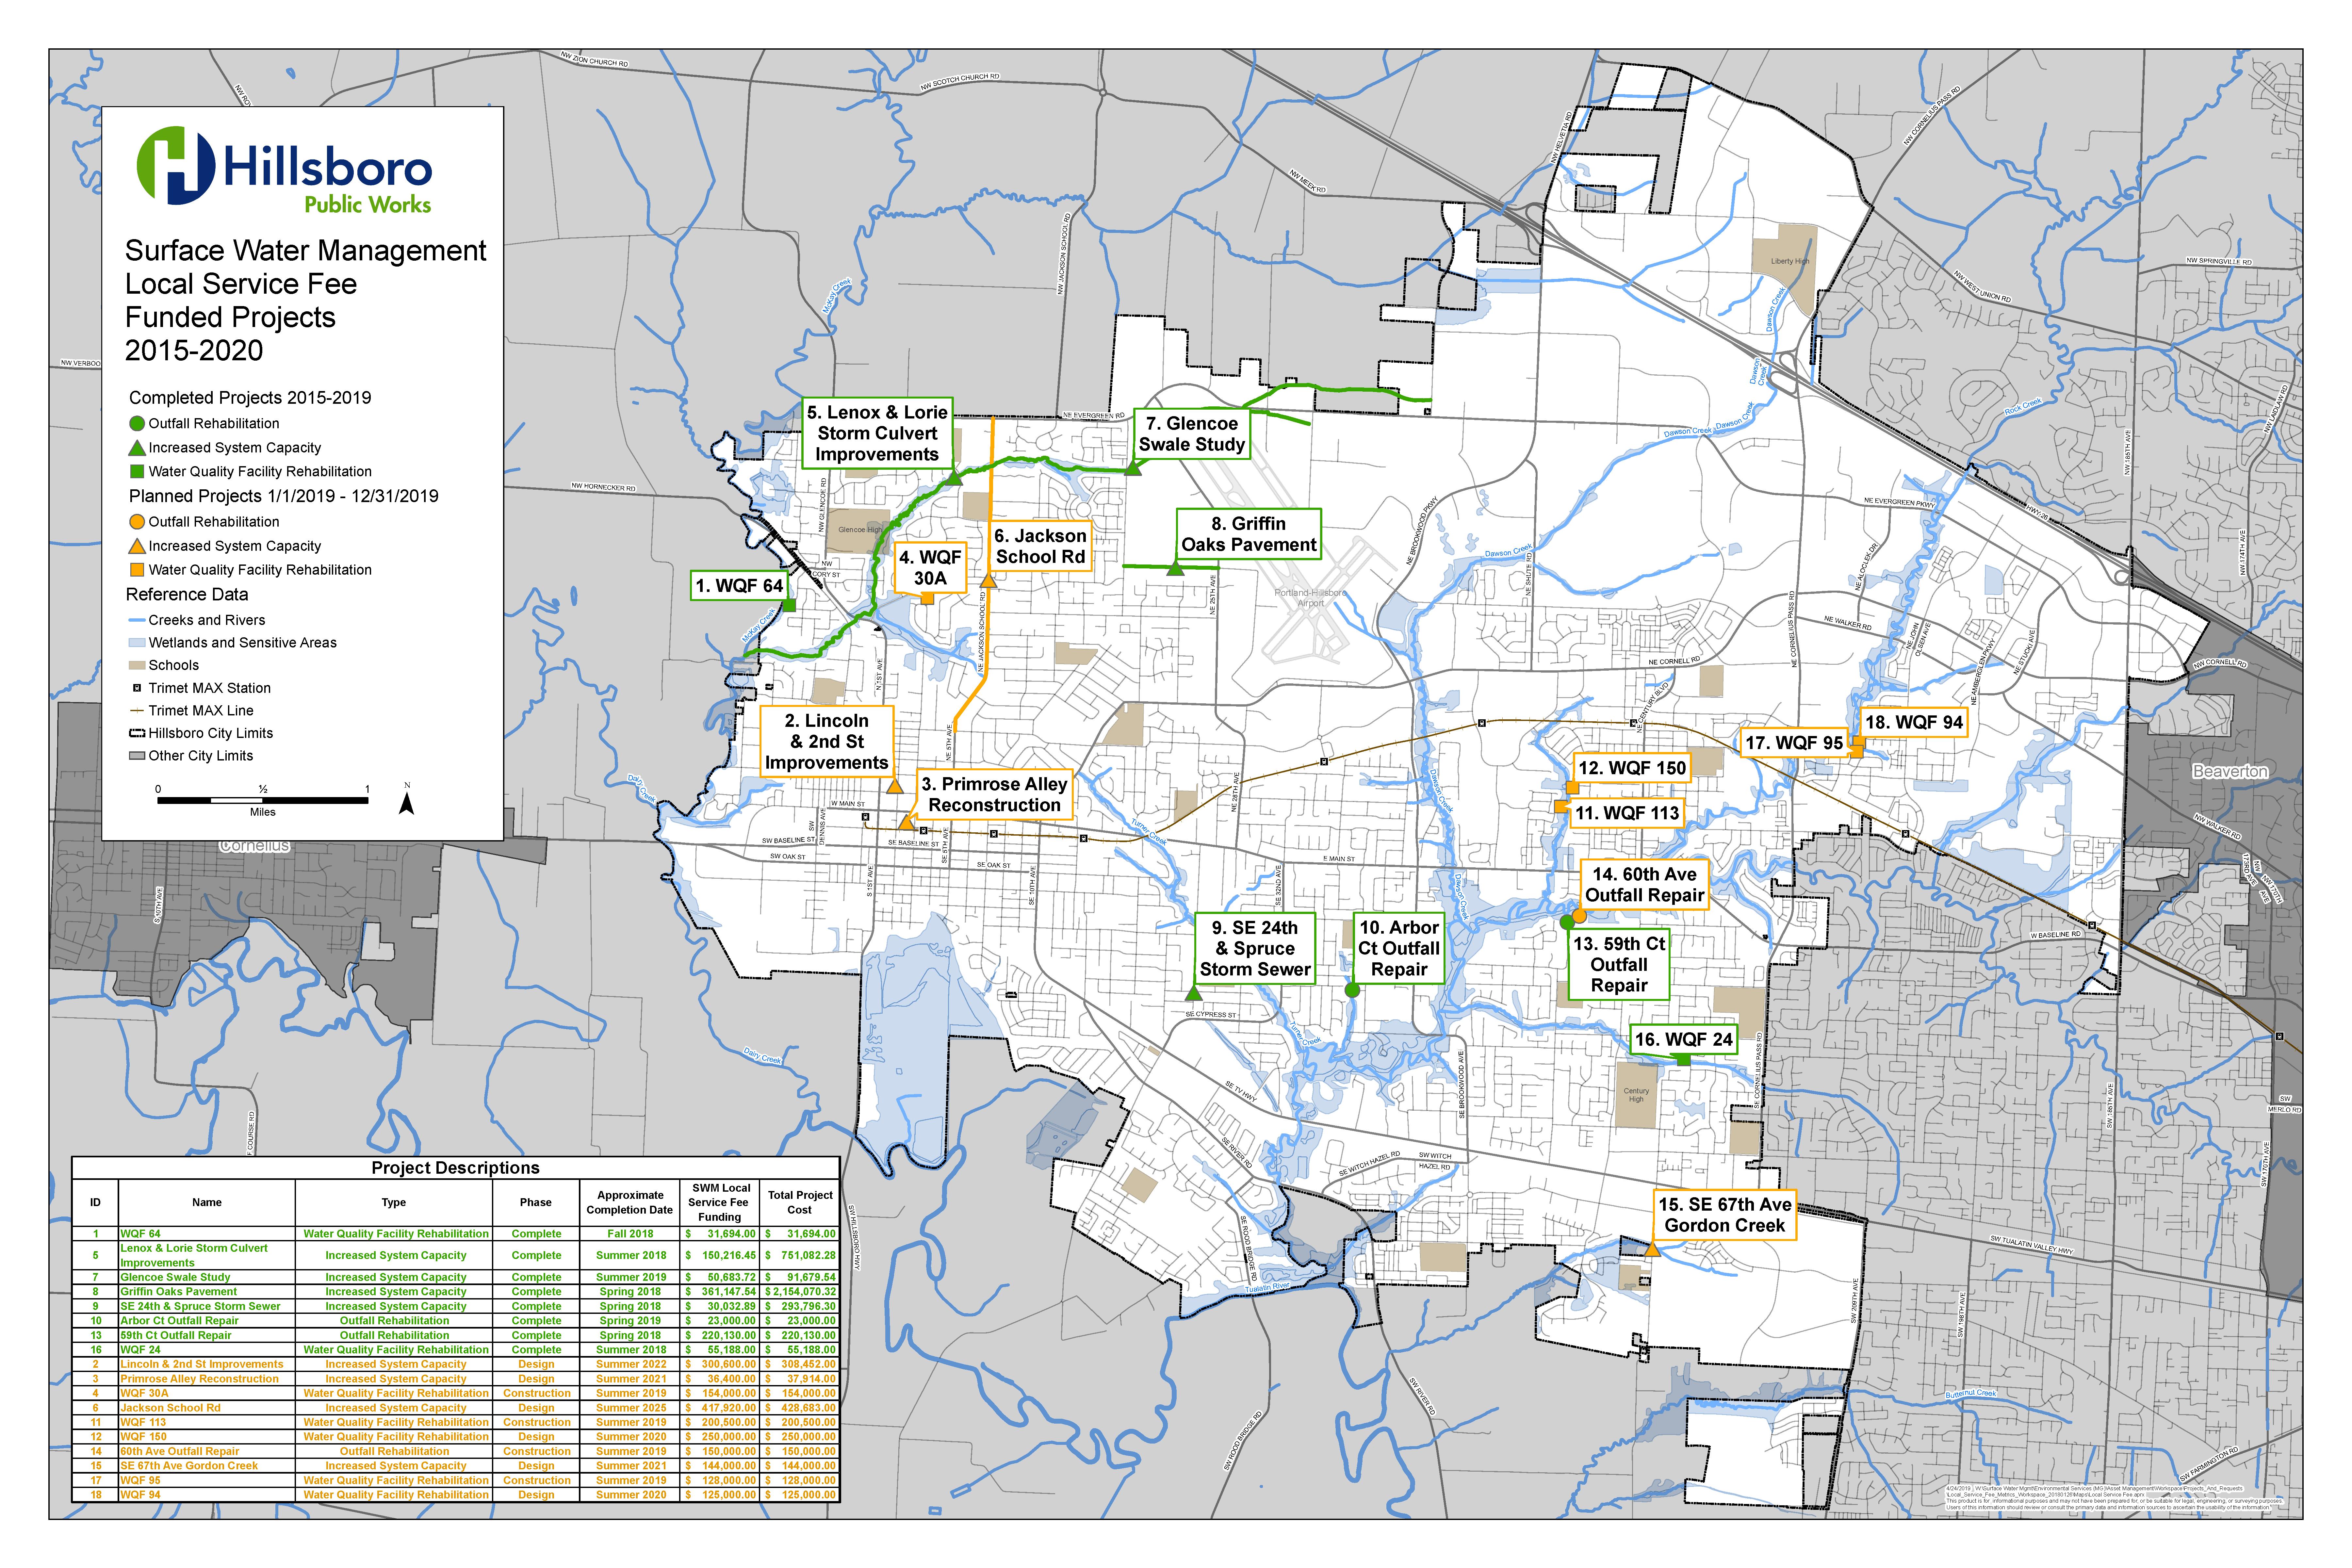 """<a href=""""https://www.hillsboro-oregon.gov/home/showdocument?id=23081"""" rel=""""nofollow"""" target=""""_blank"""">Desde 2015, LSF ha financiado varios proyectos críticos de infraestructura del Sistema de aguas pluviales con ingresos generados a partir de la tarifa actual de LSF de $ 1.00.<br></a>"""